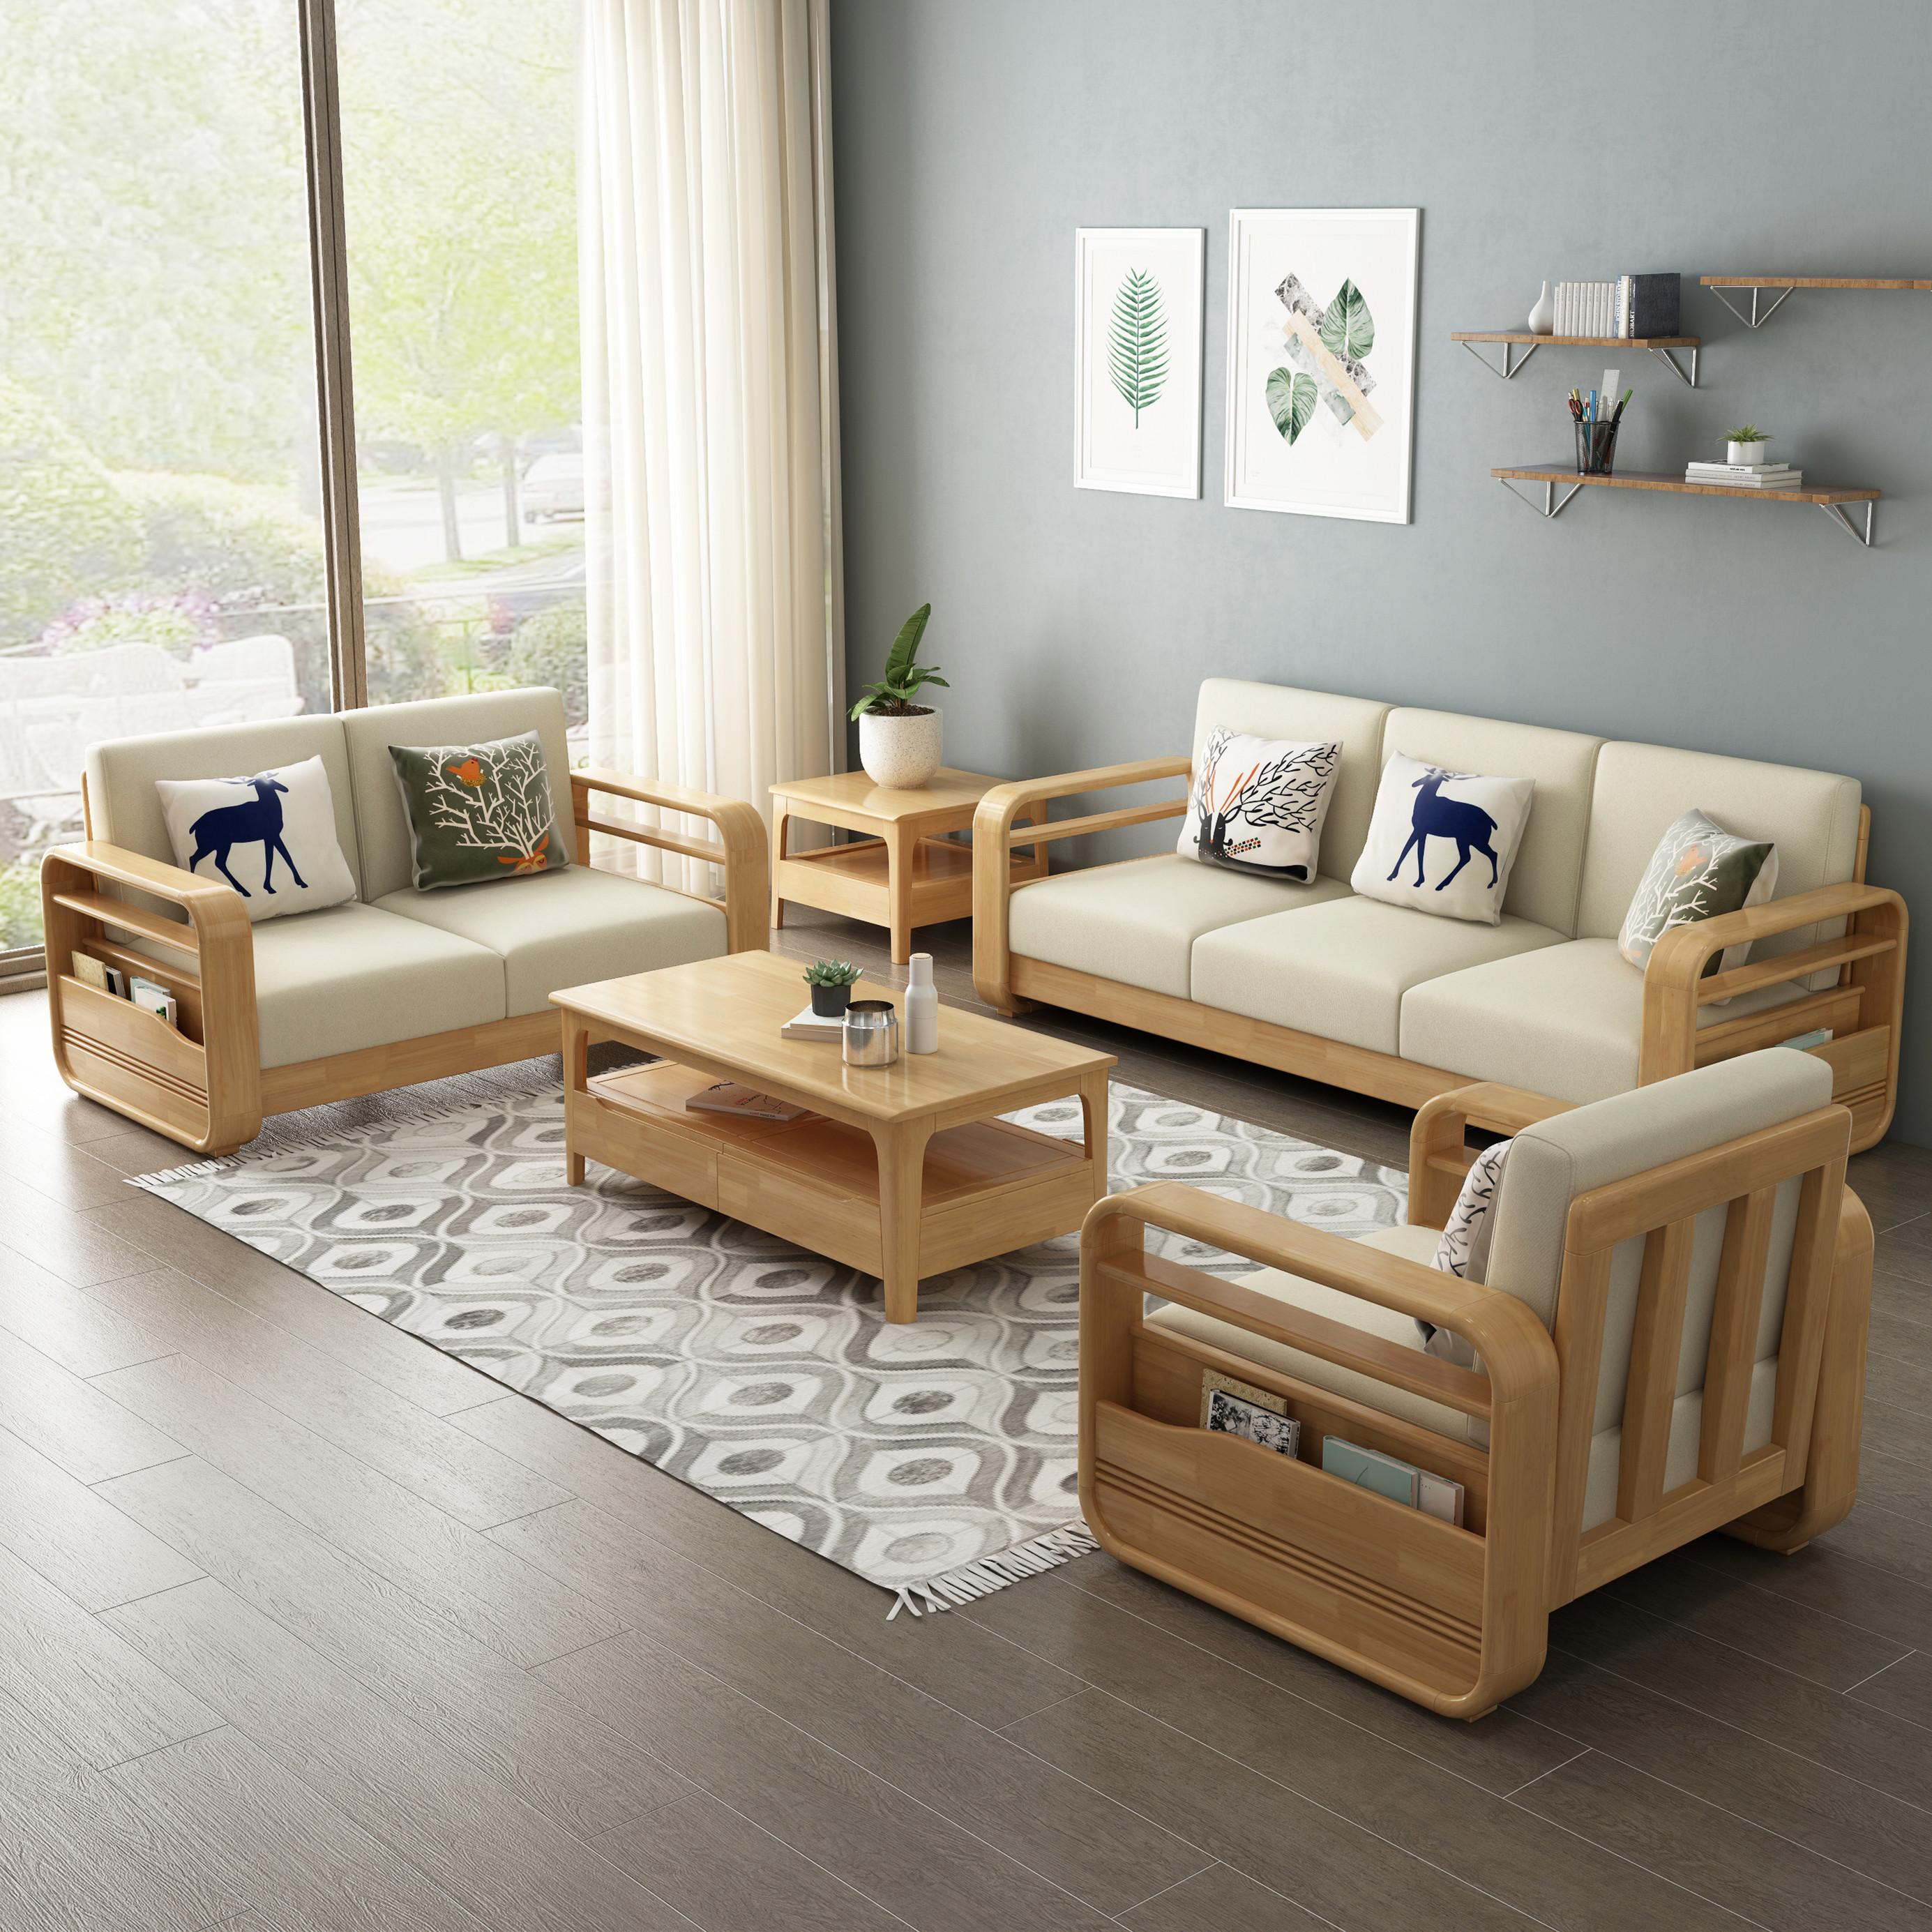 全实木沙发北欧客厅茶几组合纯木质贵妃新中式家具小户型现代简约